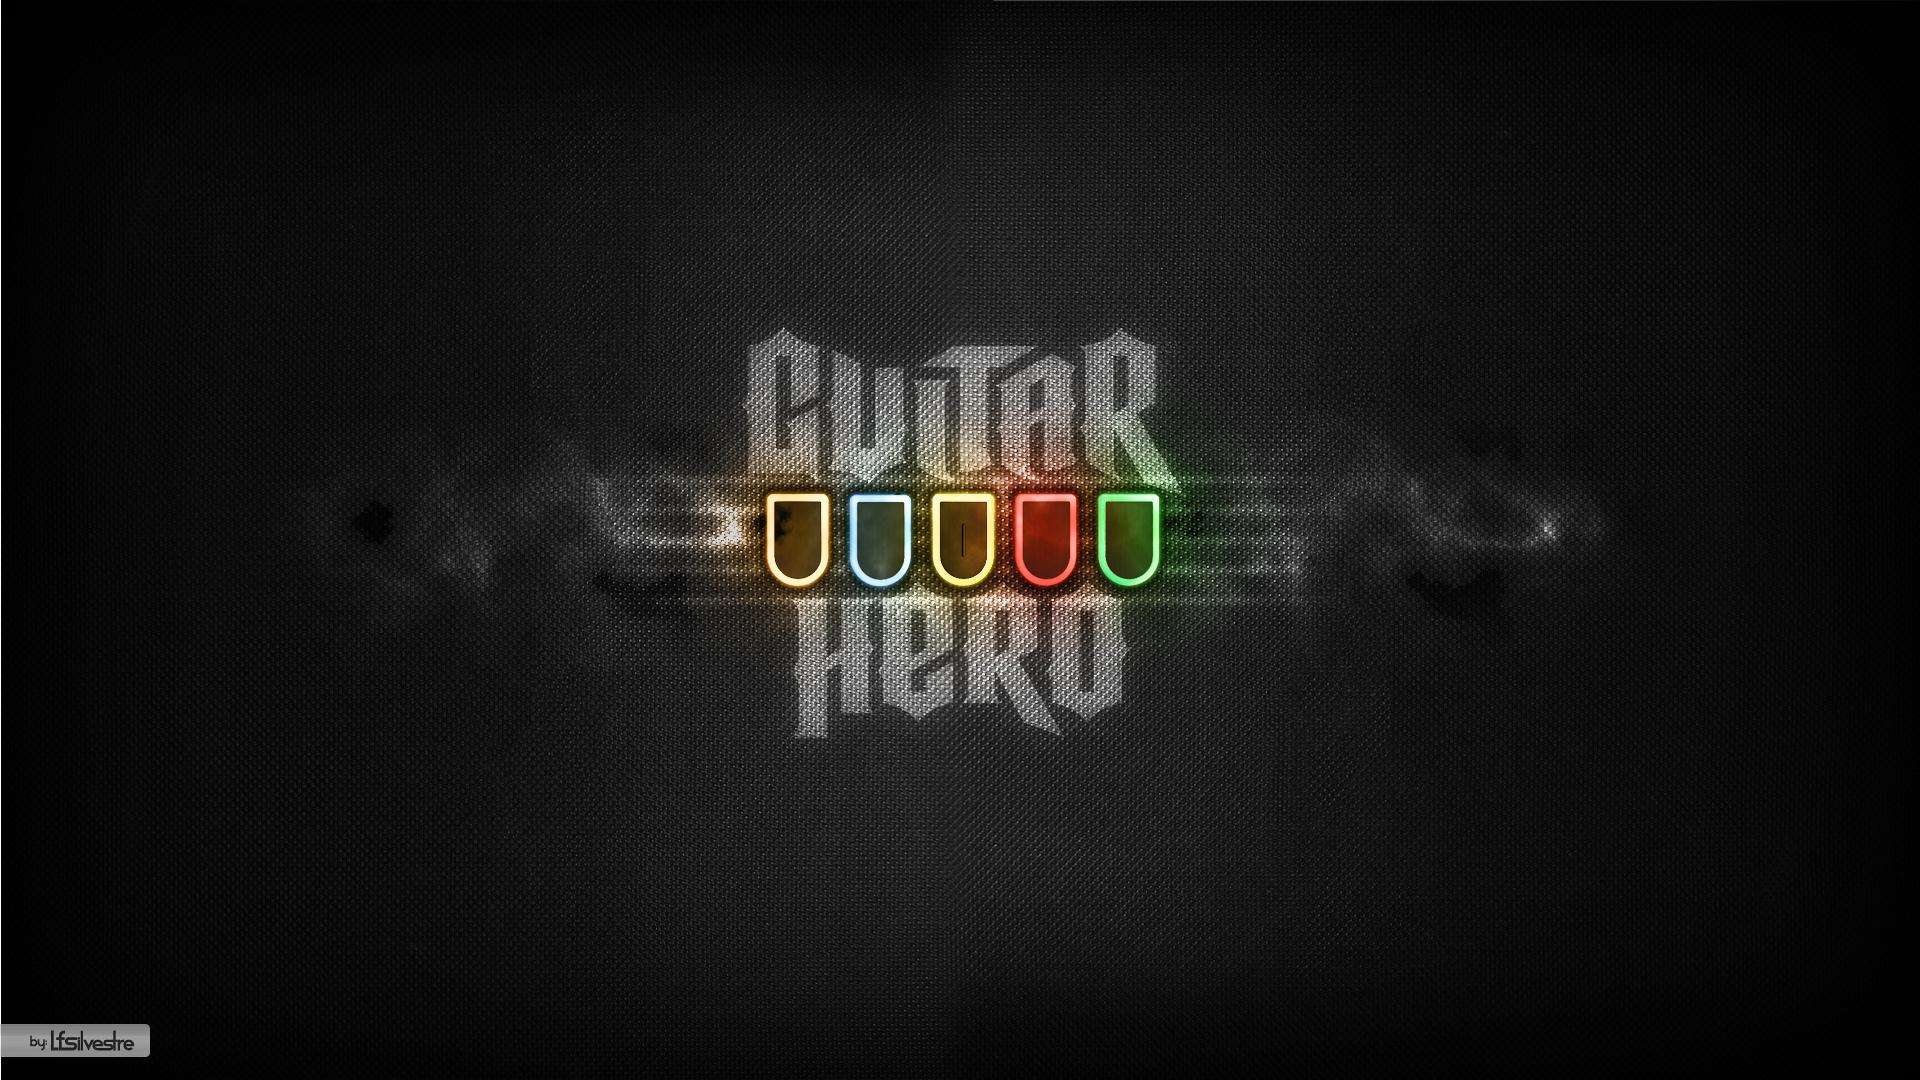 Superman Logo Wallpaper For Iphone Guitar Hero Computer Wallpapers Desktop Backgrounds